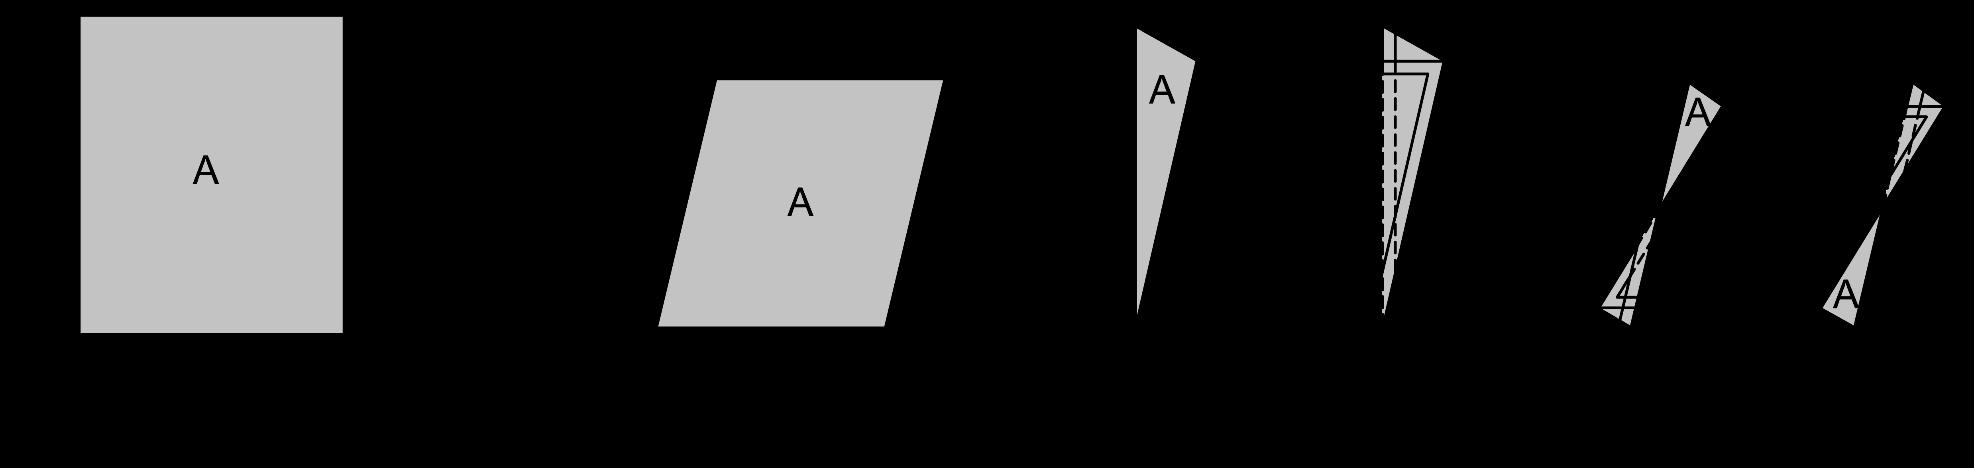 Definition von A und H für verschieden geöffnete und gekippte Fenster